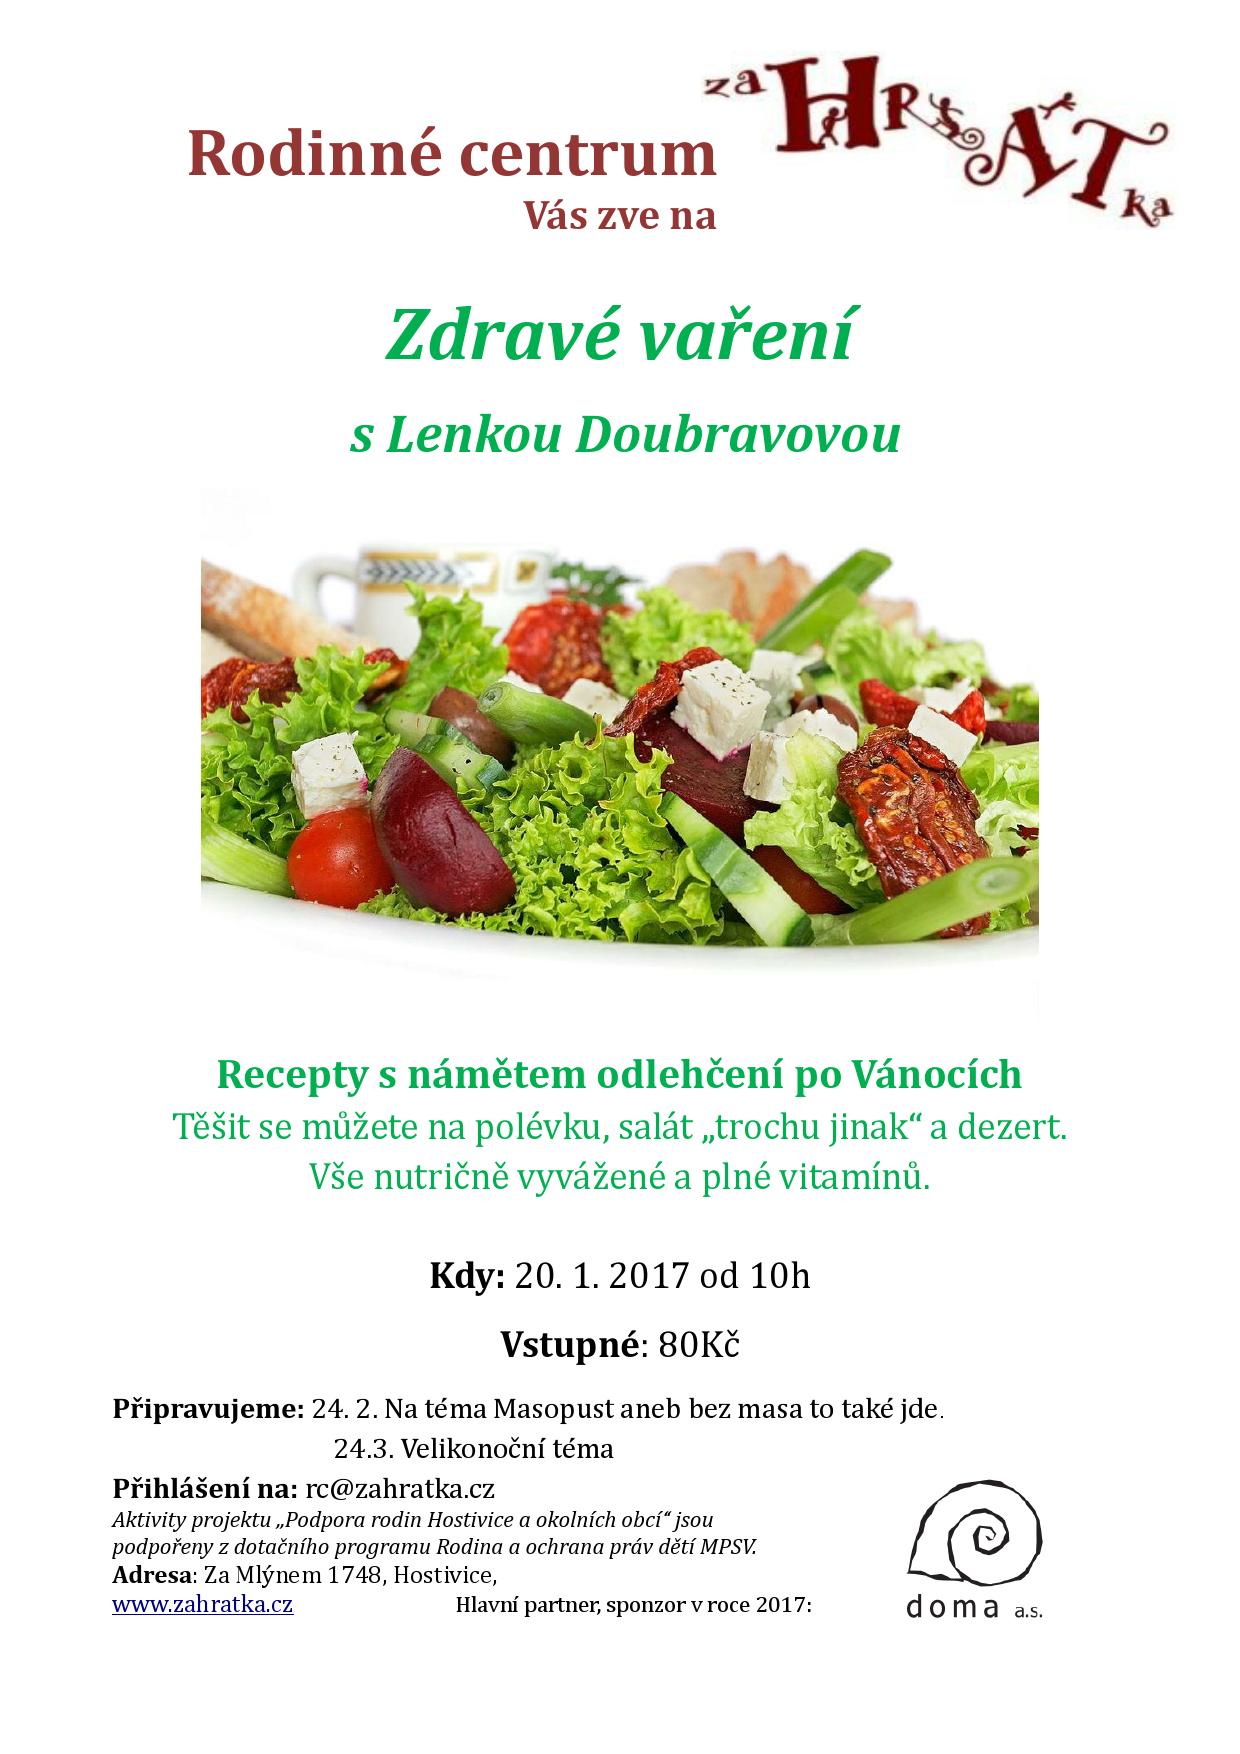 Zdravé vaření.pdf-000001